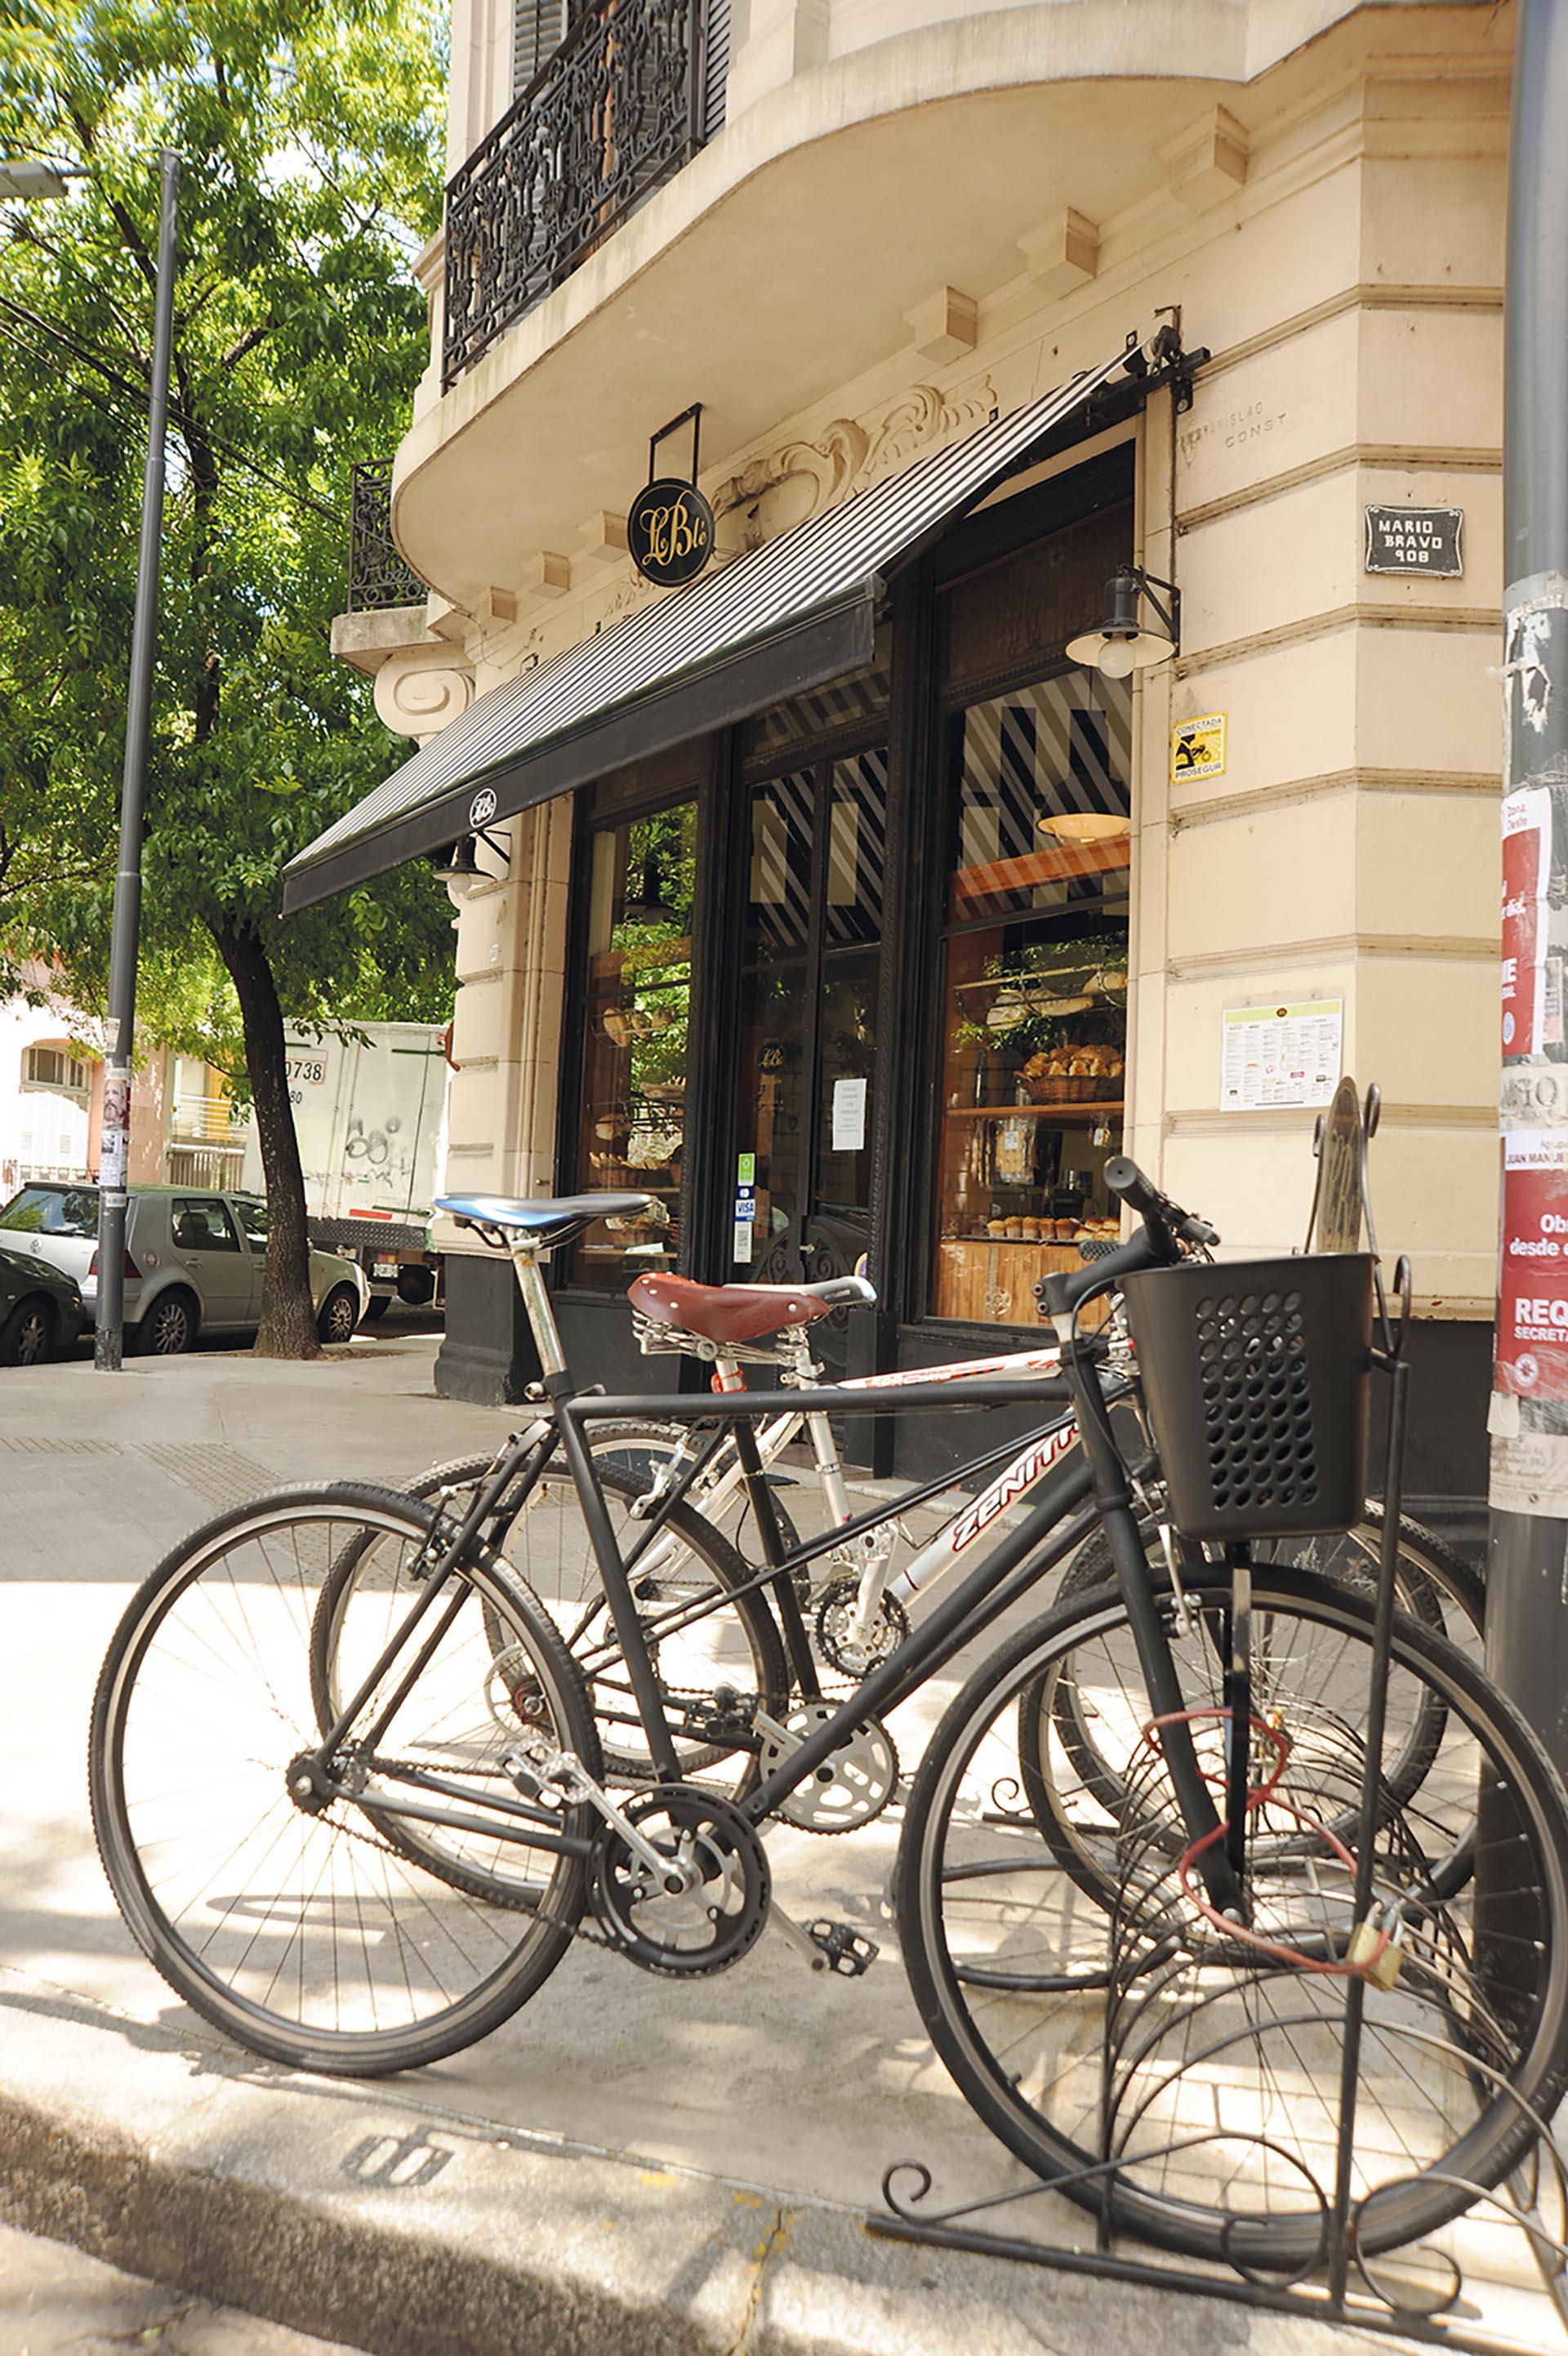 Le Blé, el café más lindo en una esquina de Almagro. Fotos Ariel Gutraich